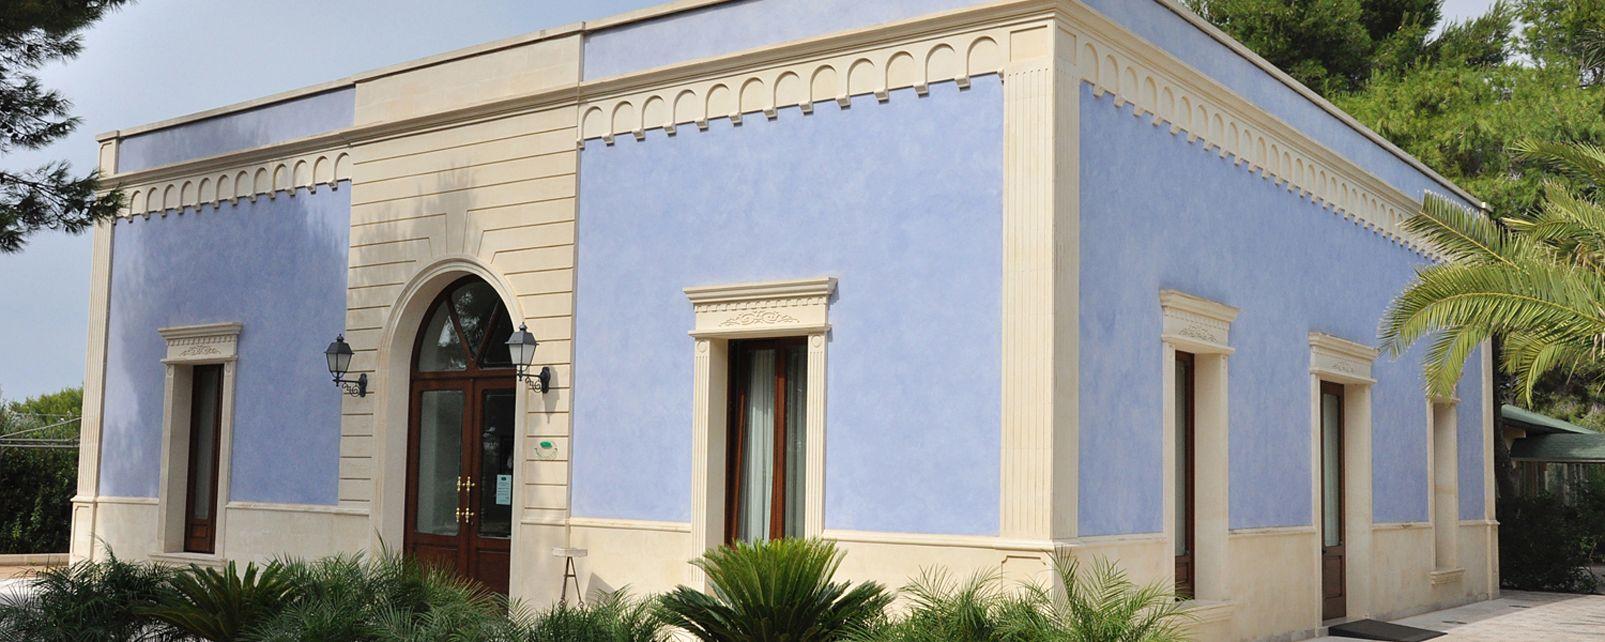 Hôtel Giardino Dei Pini